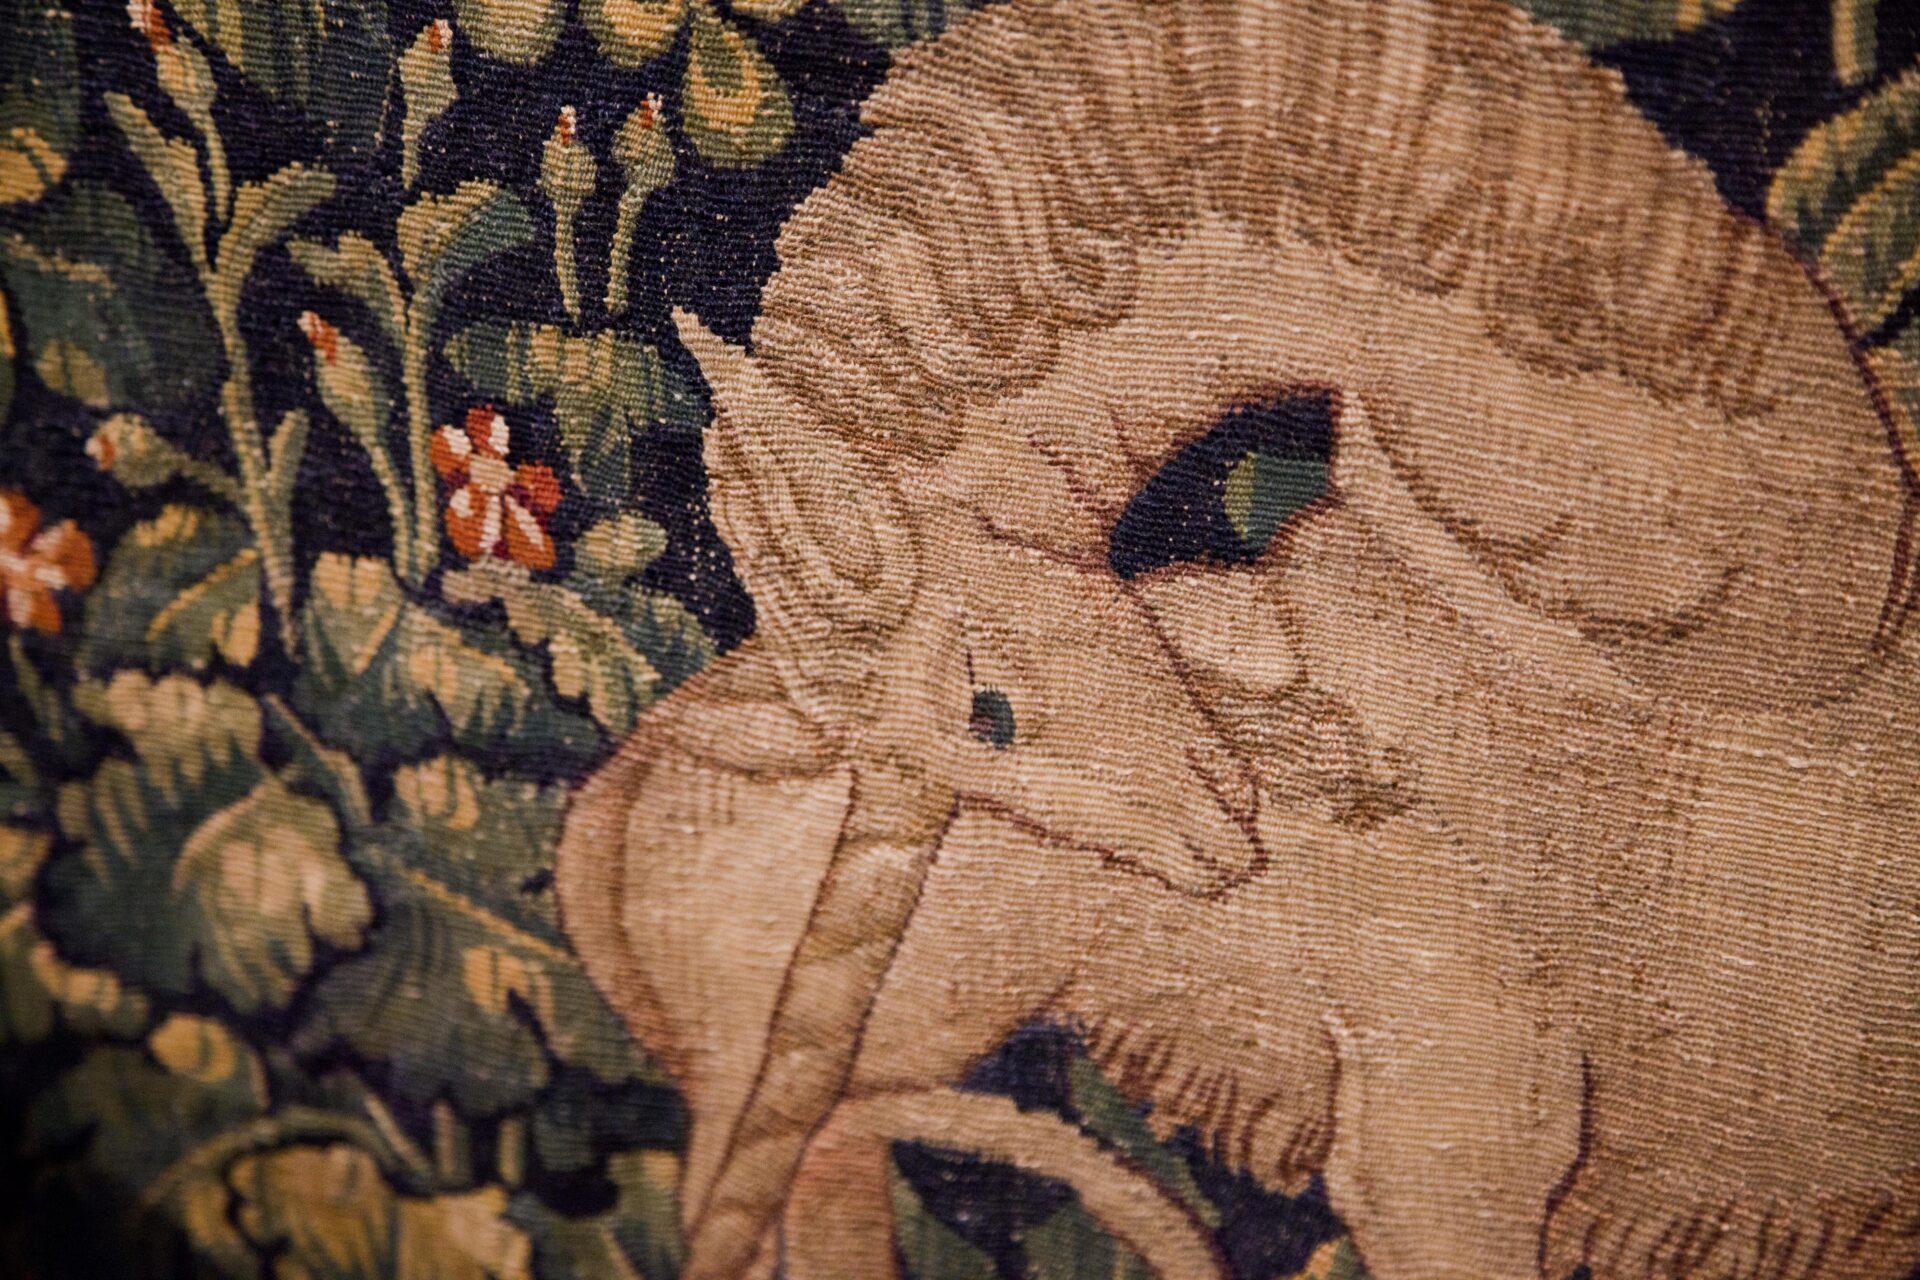 Particolare dell'arazzo dell'unicorno esposto nell'antico palazzo dei vescovi di Pistoia